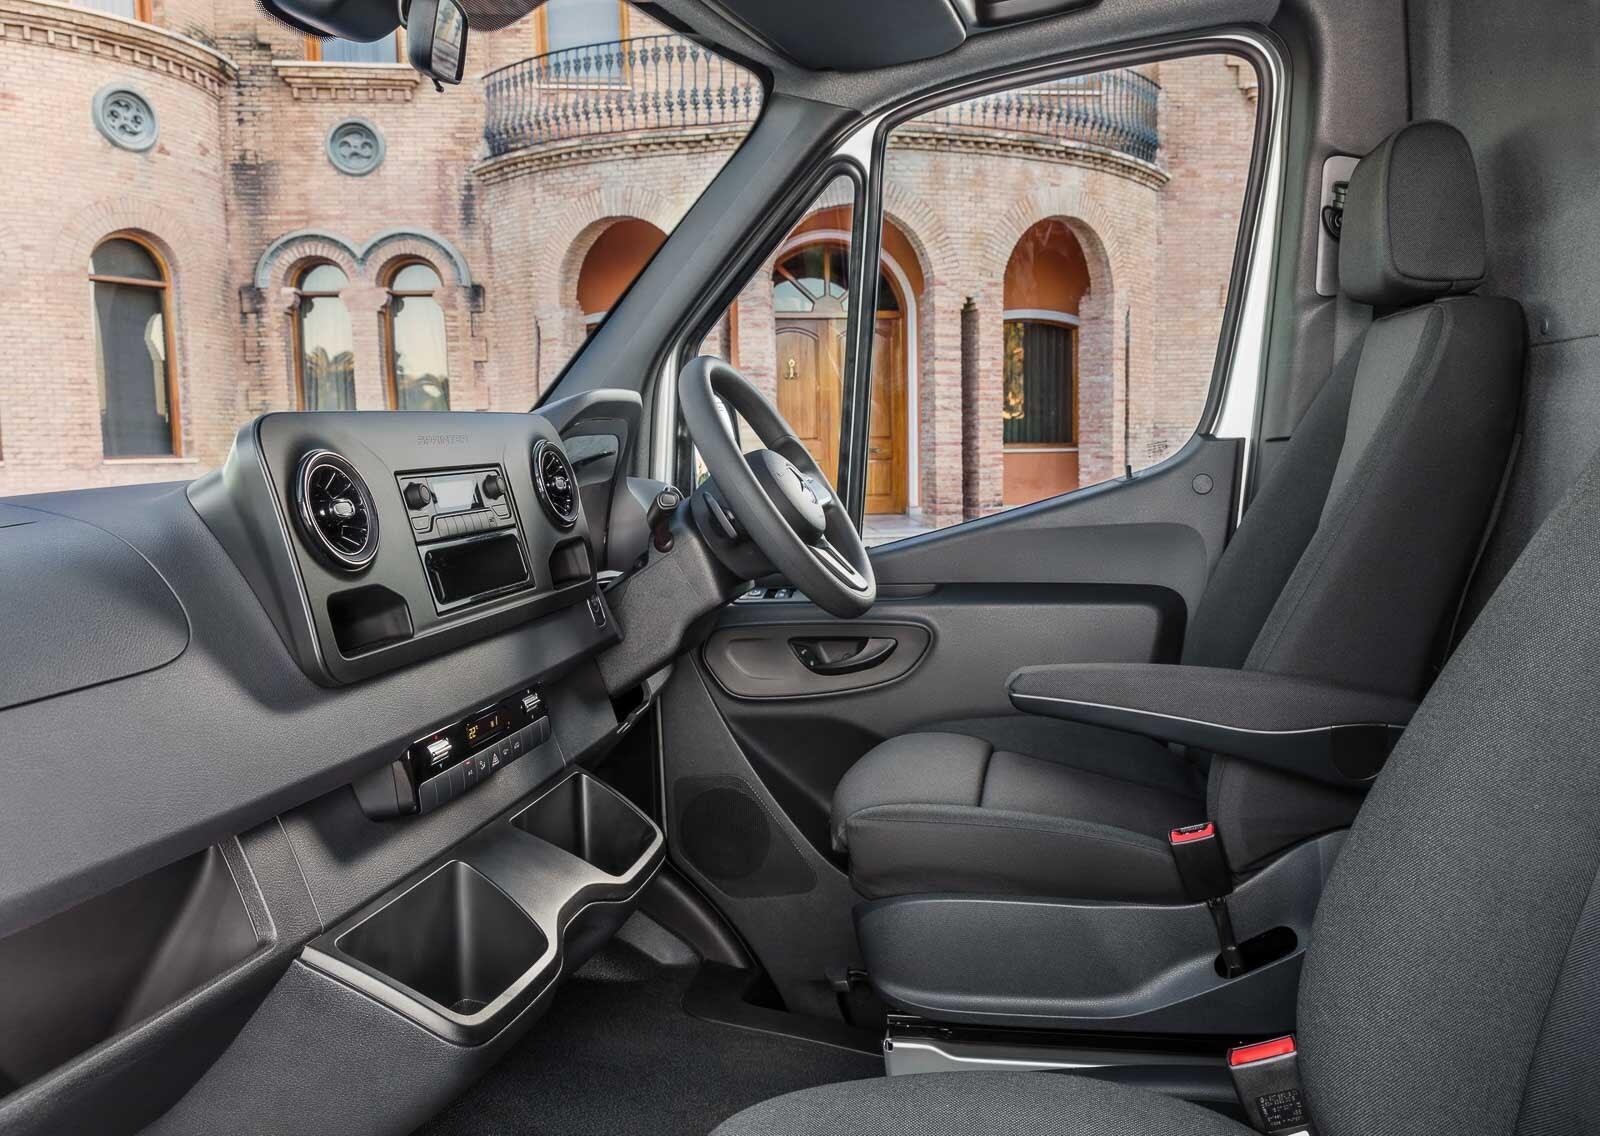 Mercedes-Benz Sprinter 2018 chính thức ra mắt: cỗ máy công nghệ và kết nối - Hình 16